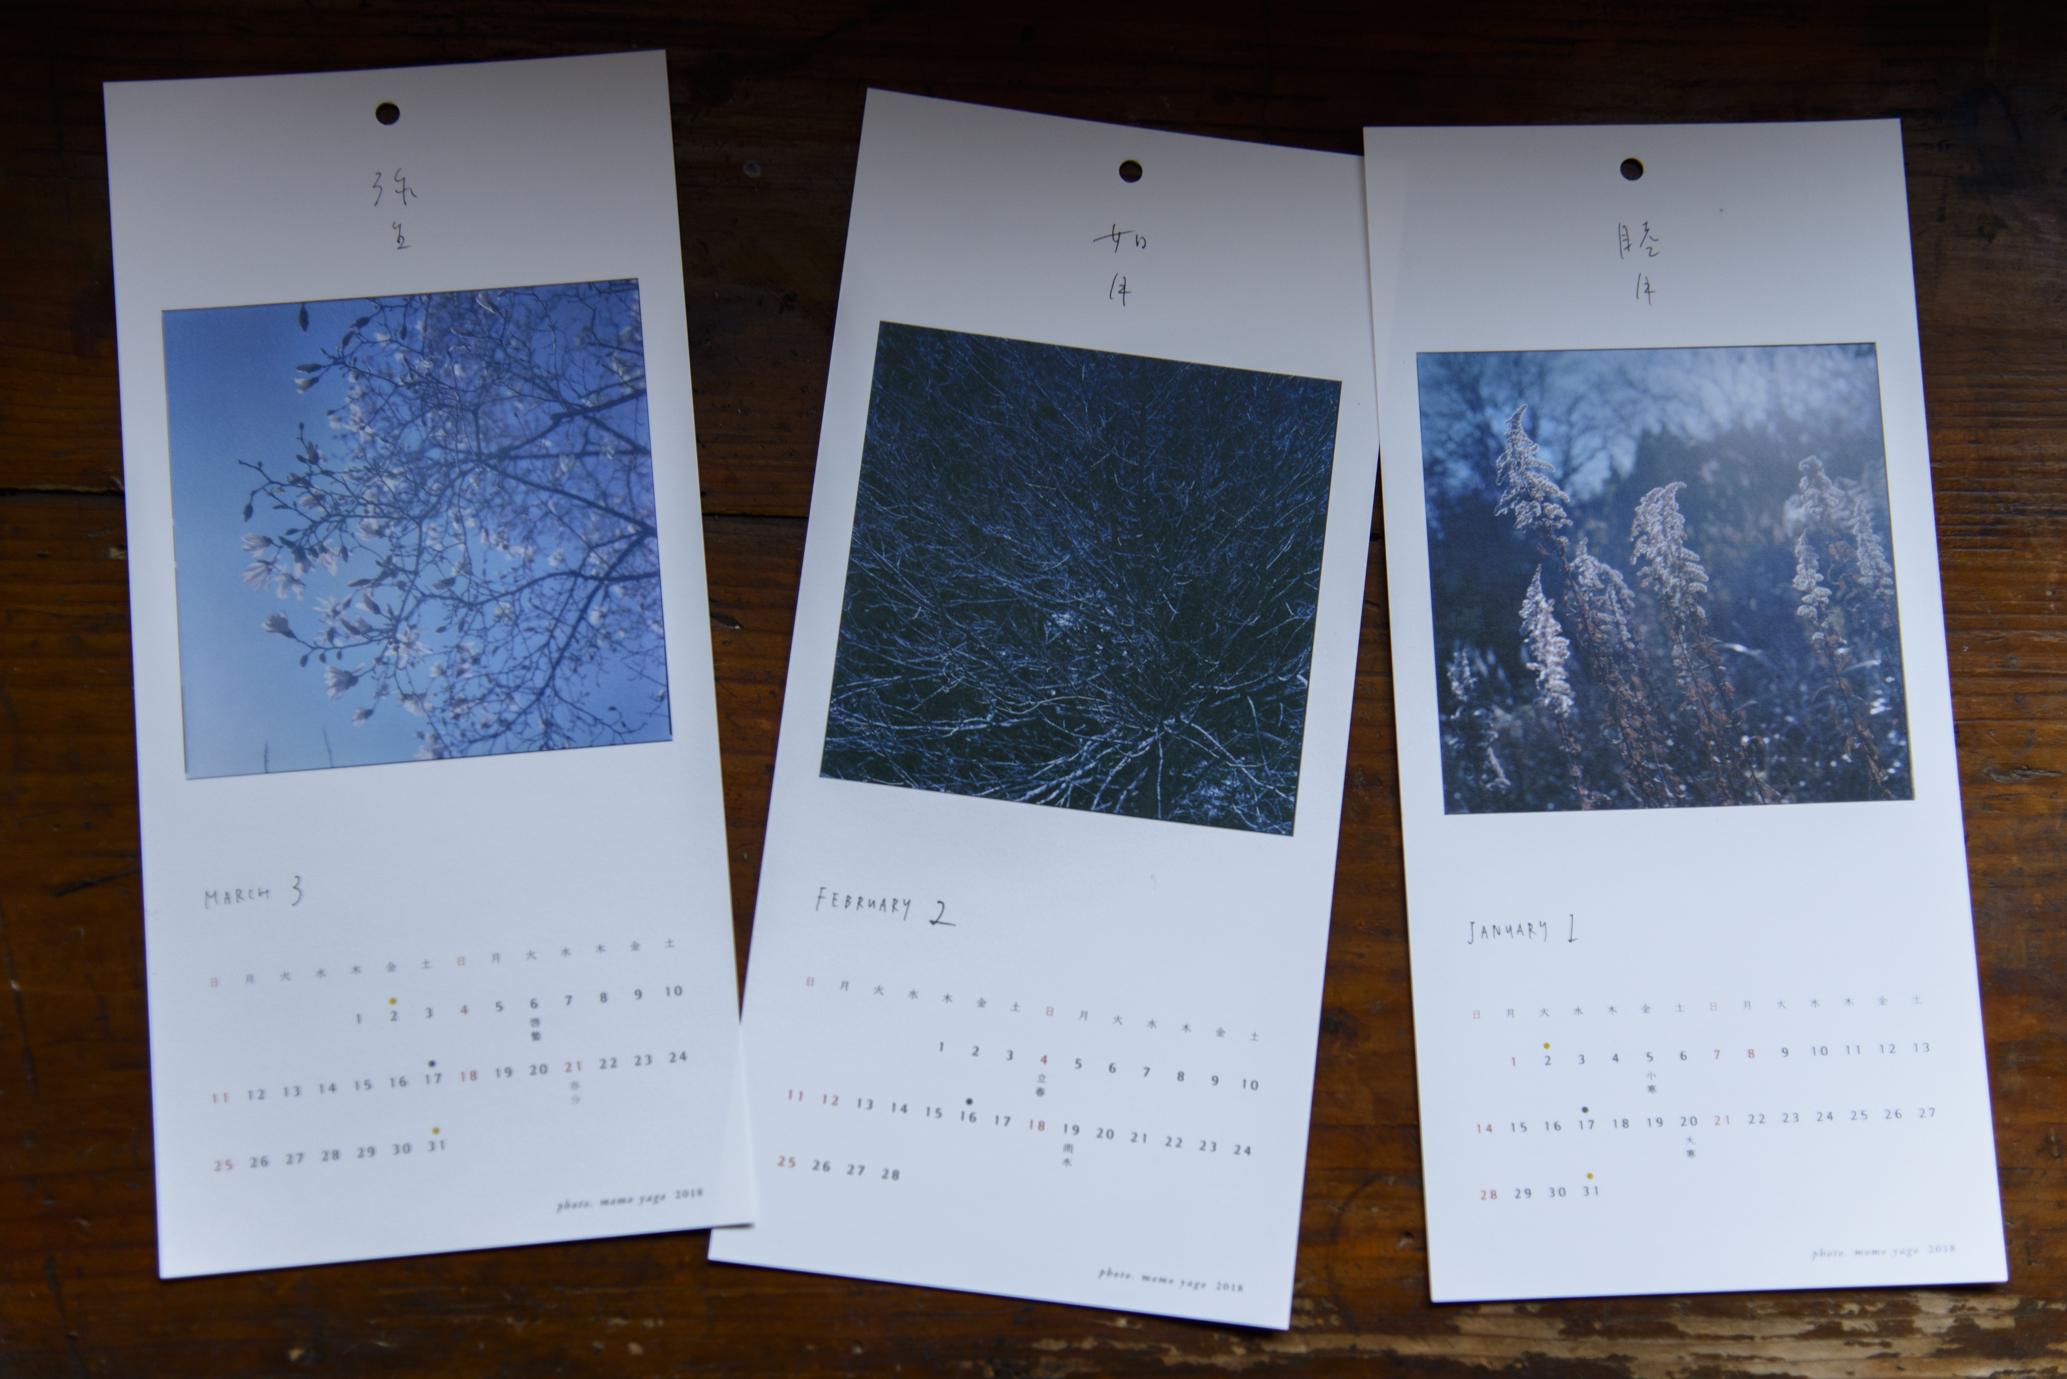 睦月 / 一月 セイタカアワダチソウ、如月 / 二月 芽吹き前の木、弥生 / 三月 コブシ